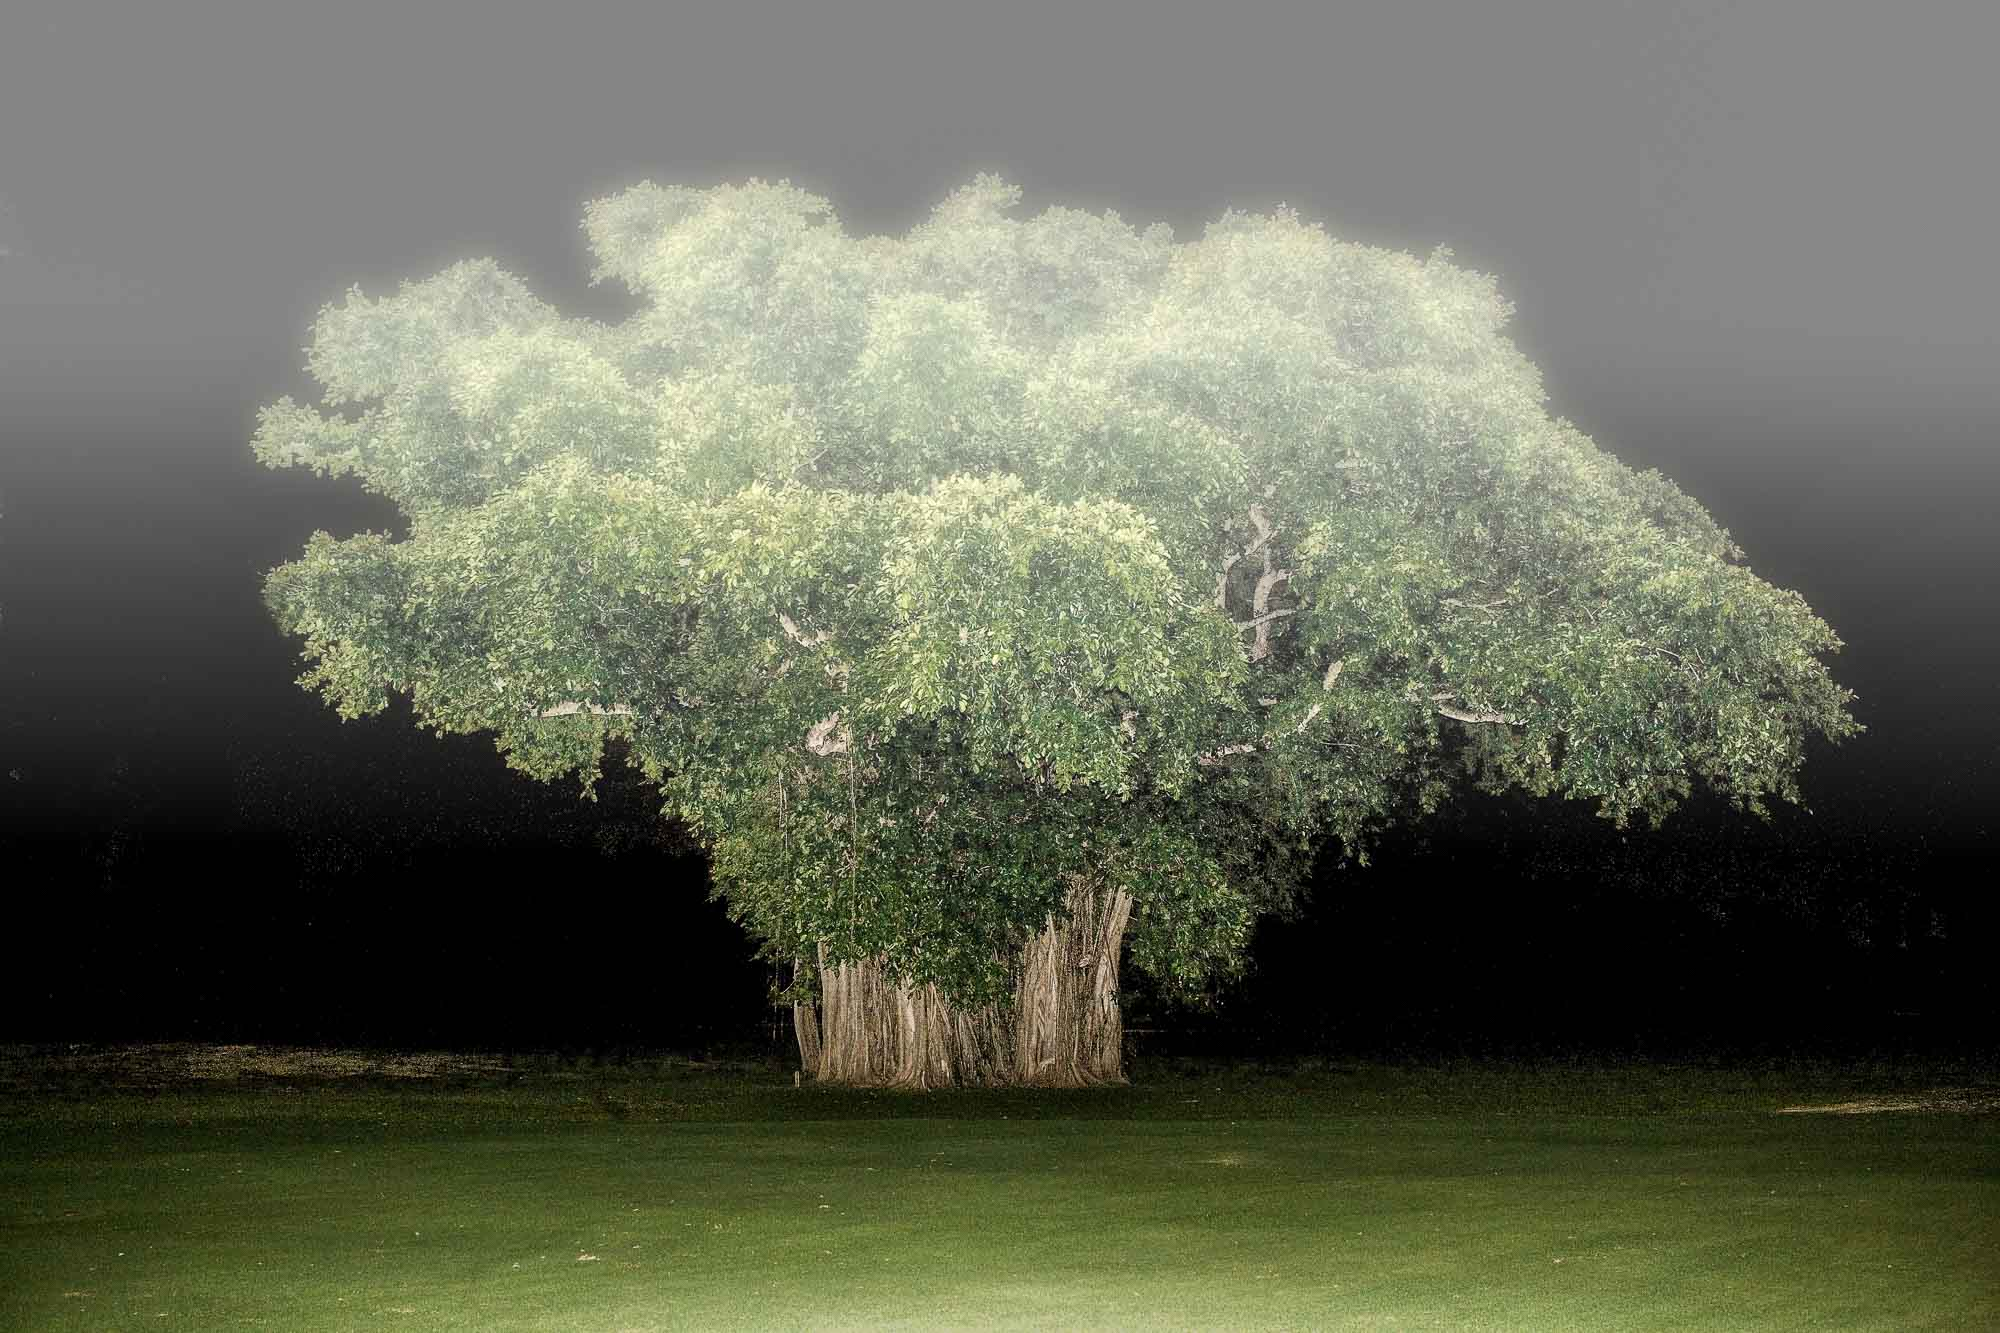 Banyan Tree in Fog, 2006.